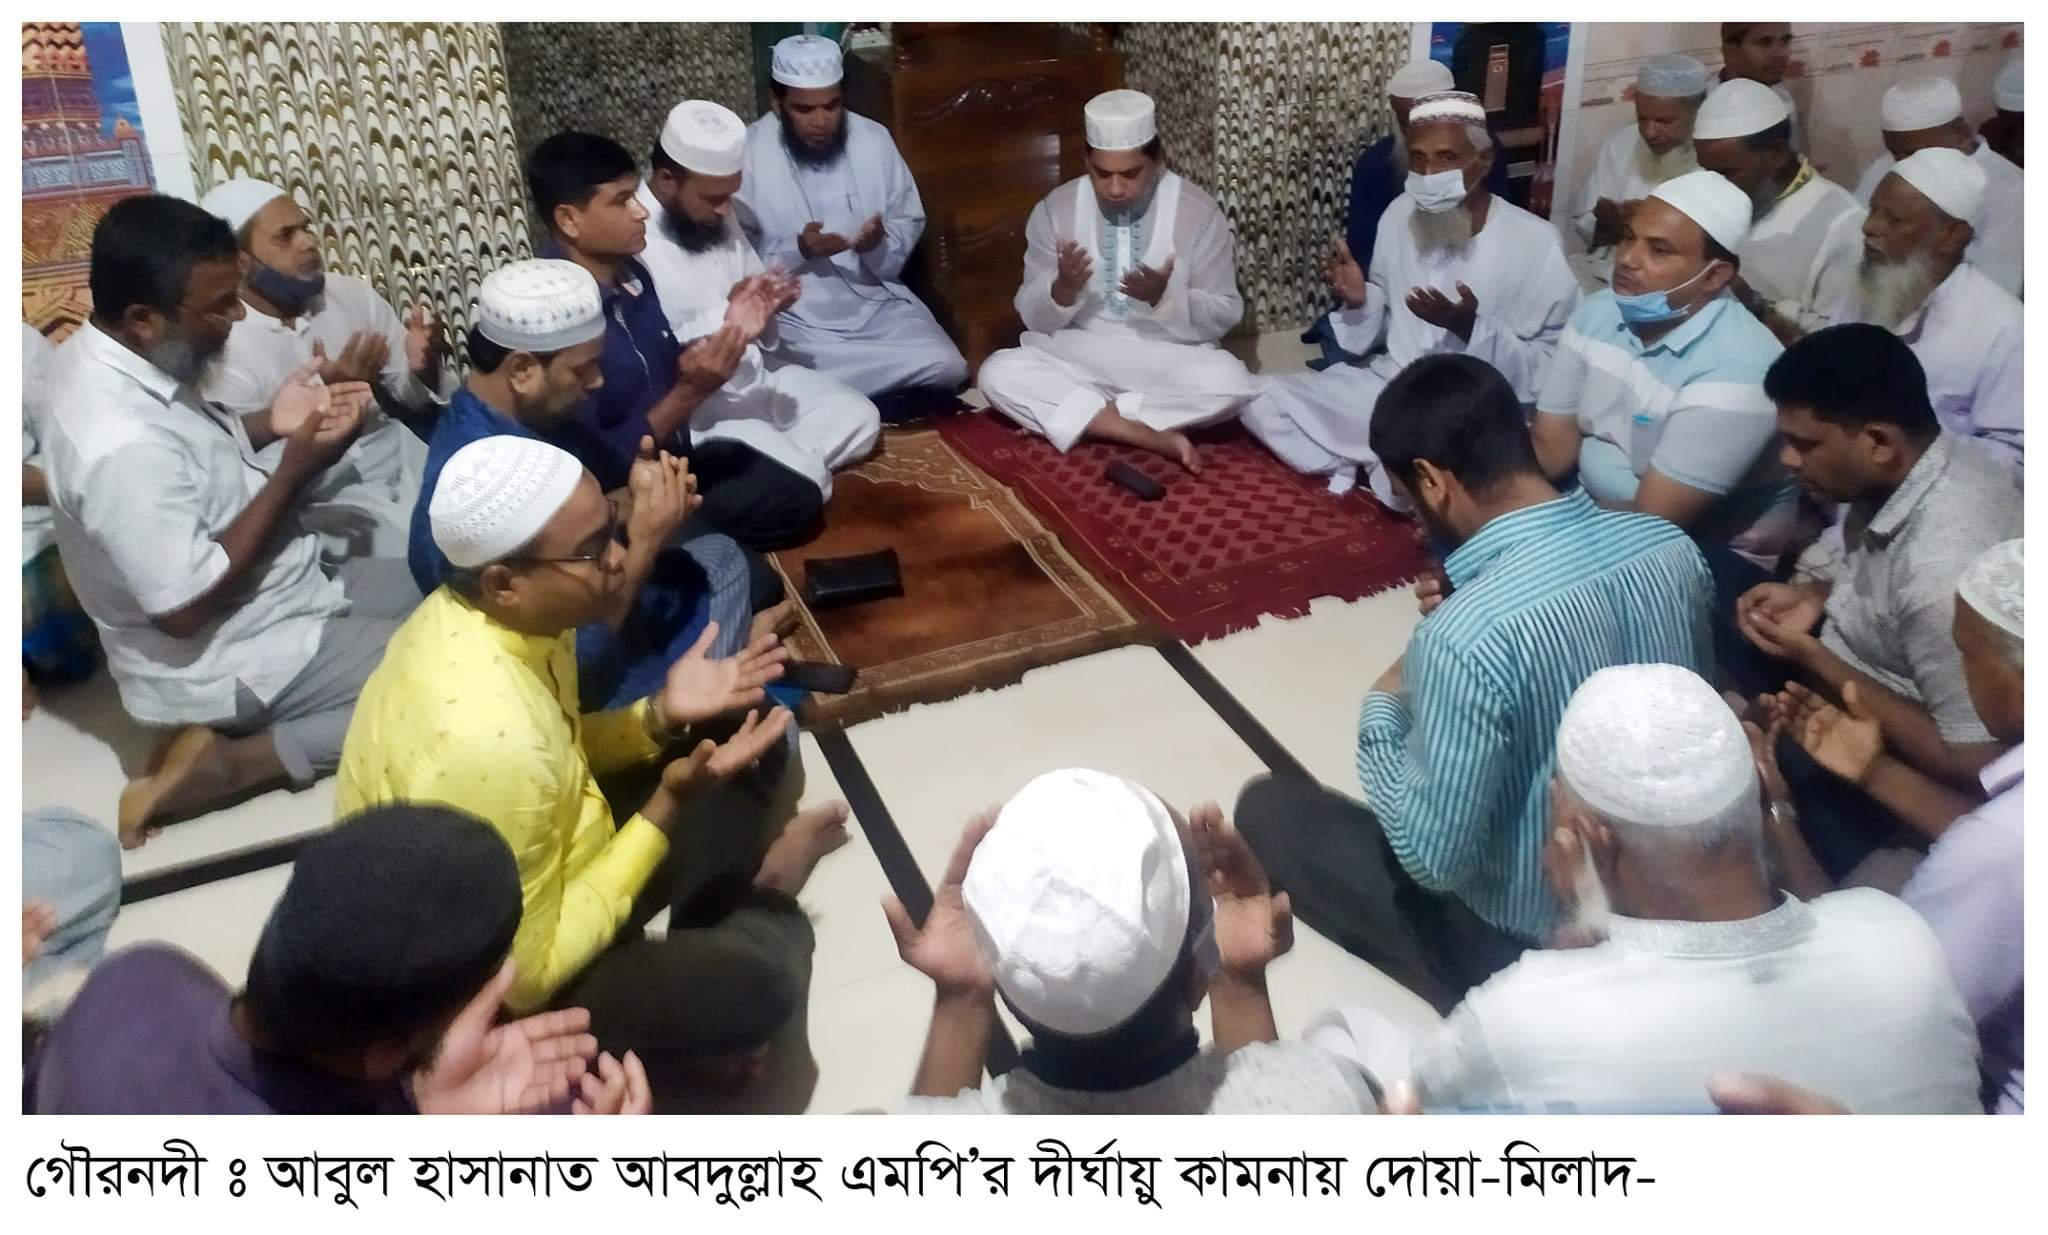 আবুল হাসানাত আবদুল্লাহ'র দীর্ঘায়ু কামনায় দোয়া-মিলাদ